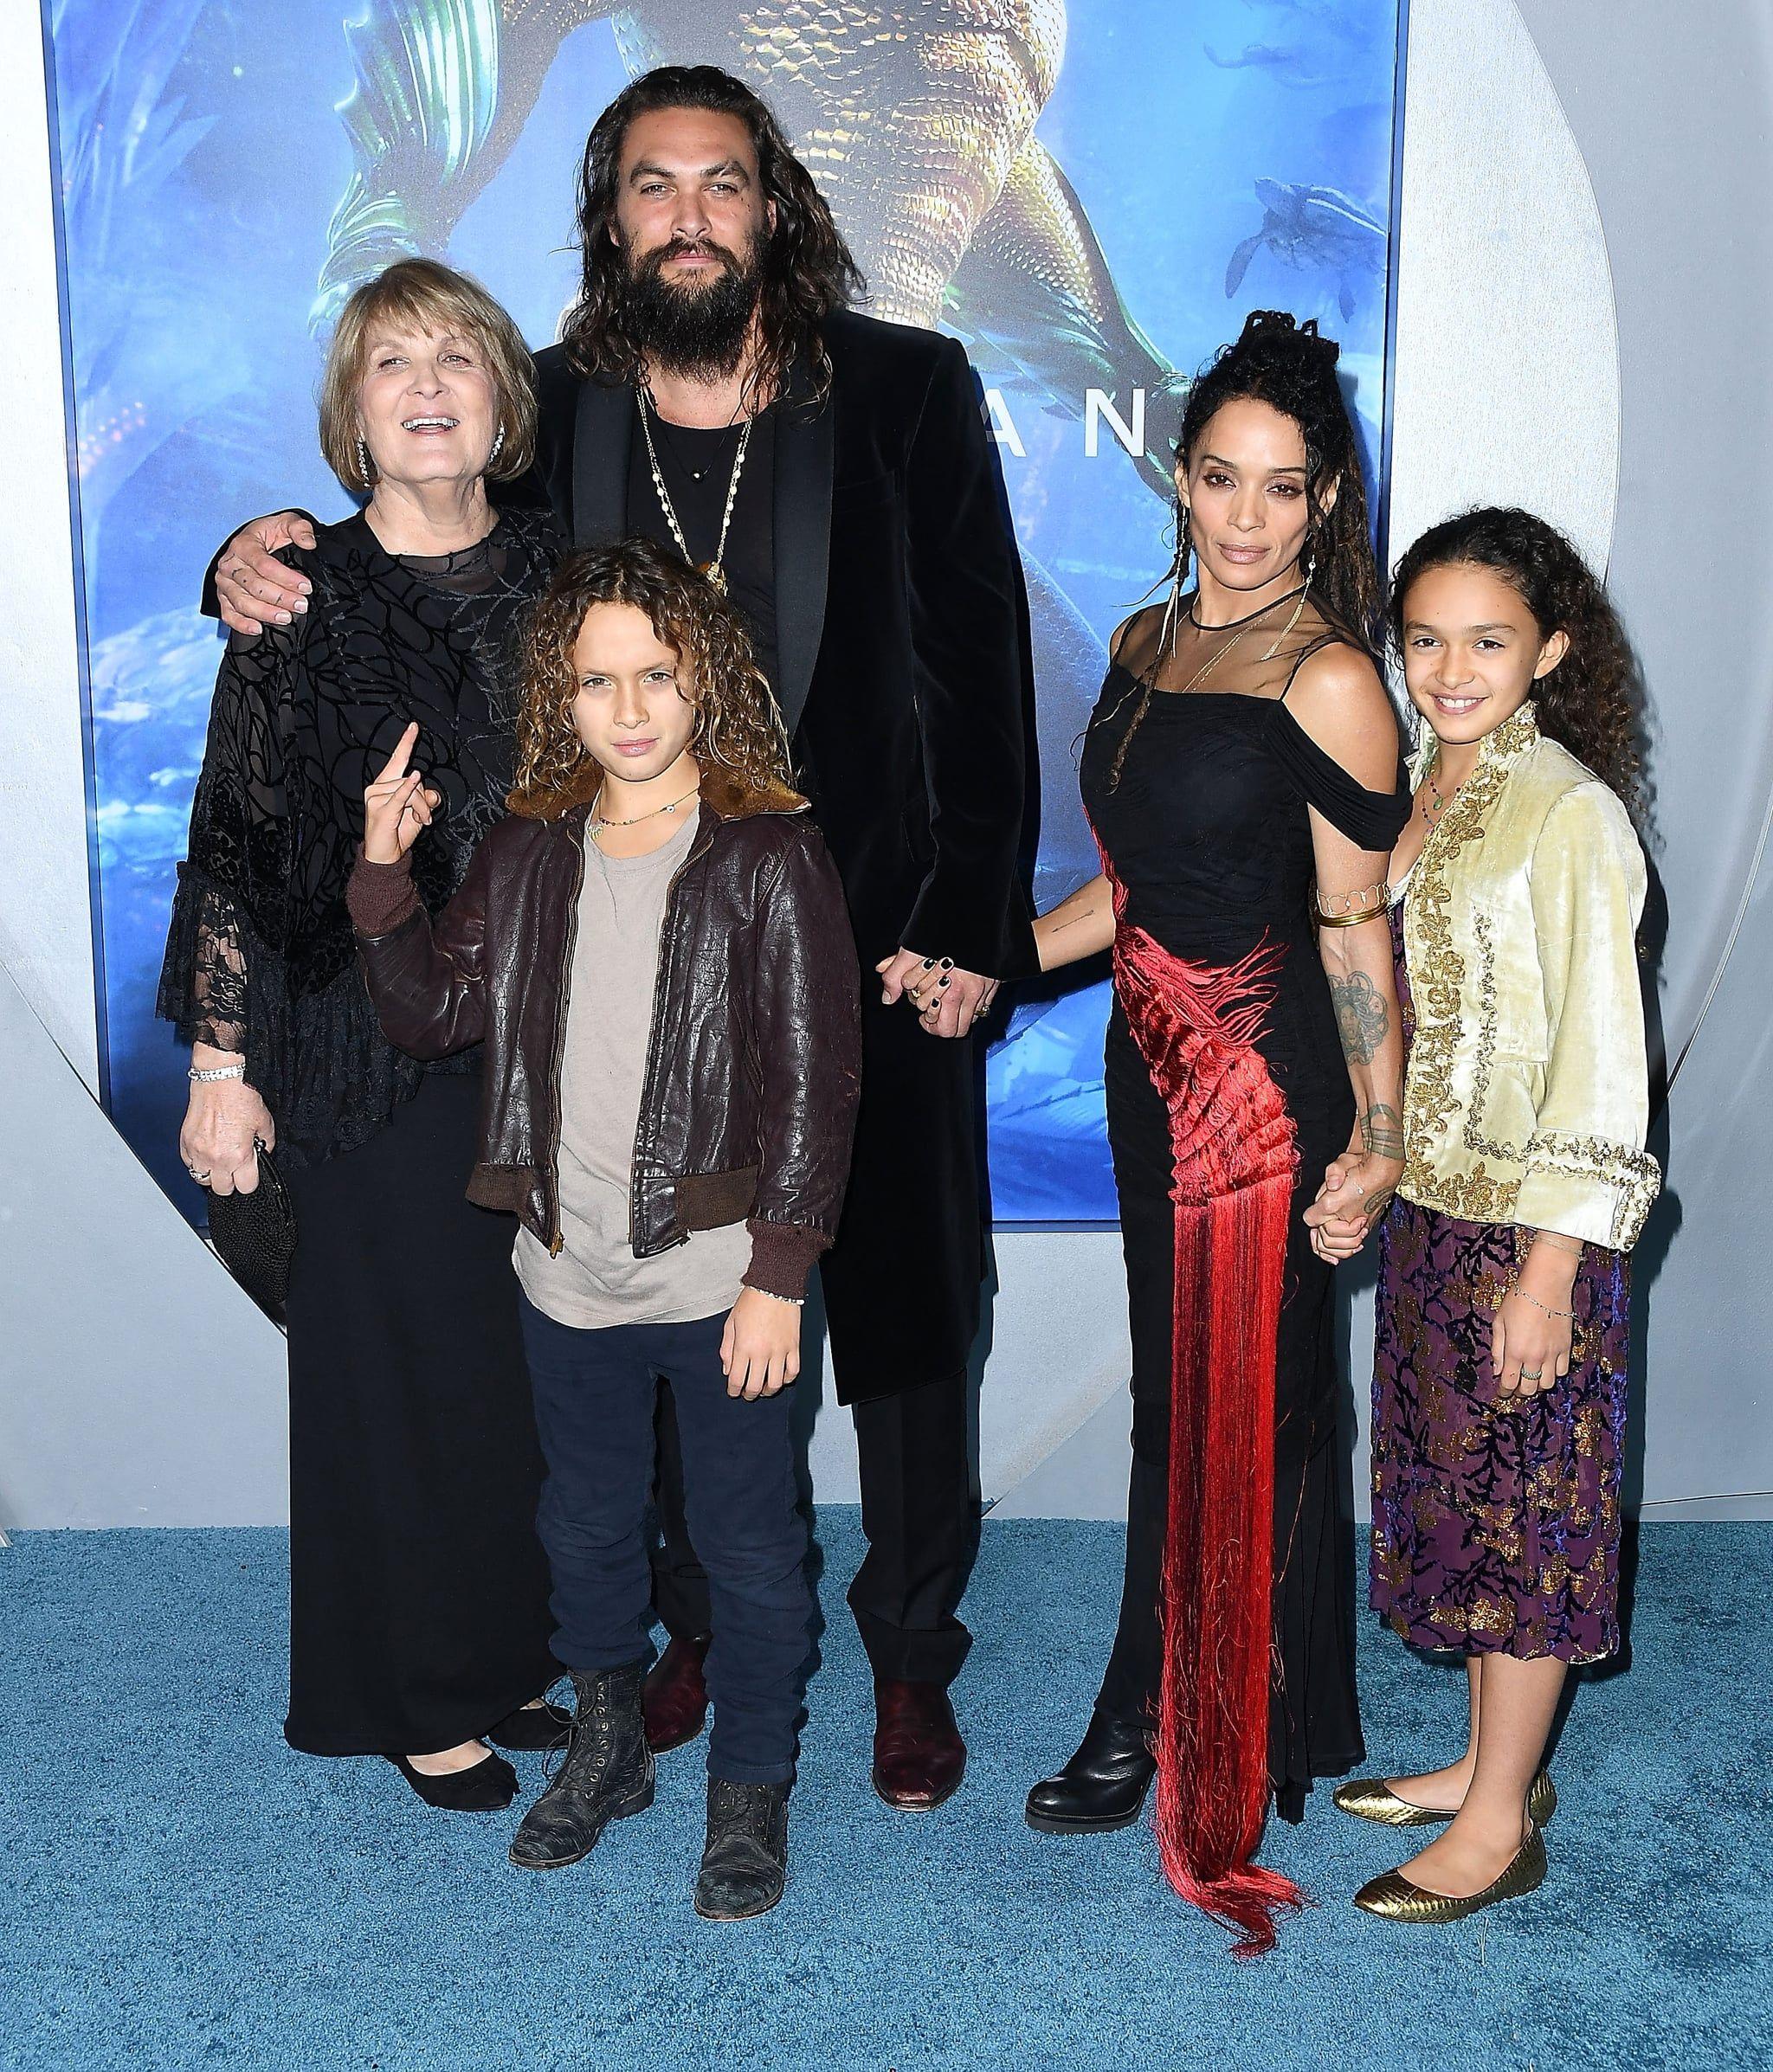 """Lisa Bonet And Jason Momoa At The Mad Max Premiere: Jason Momoa And Lisa Bonet's PDA On The """"Blue"""" Carpet"""